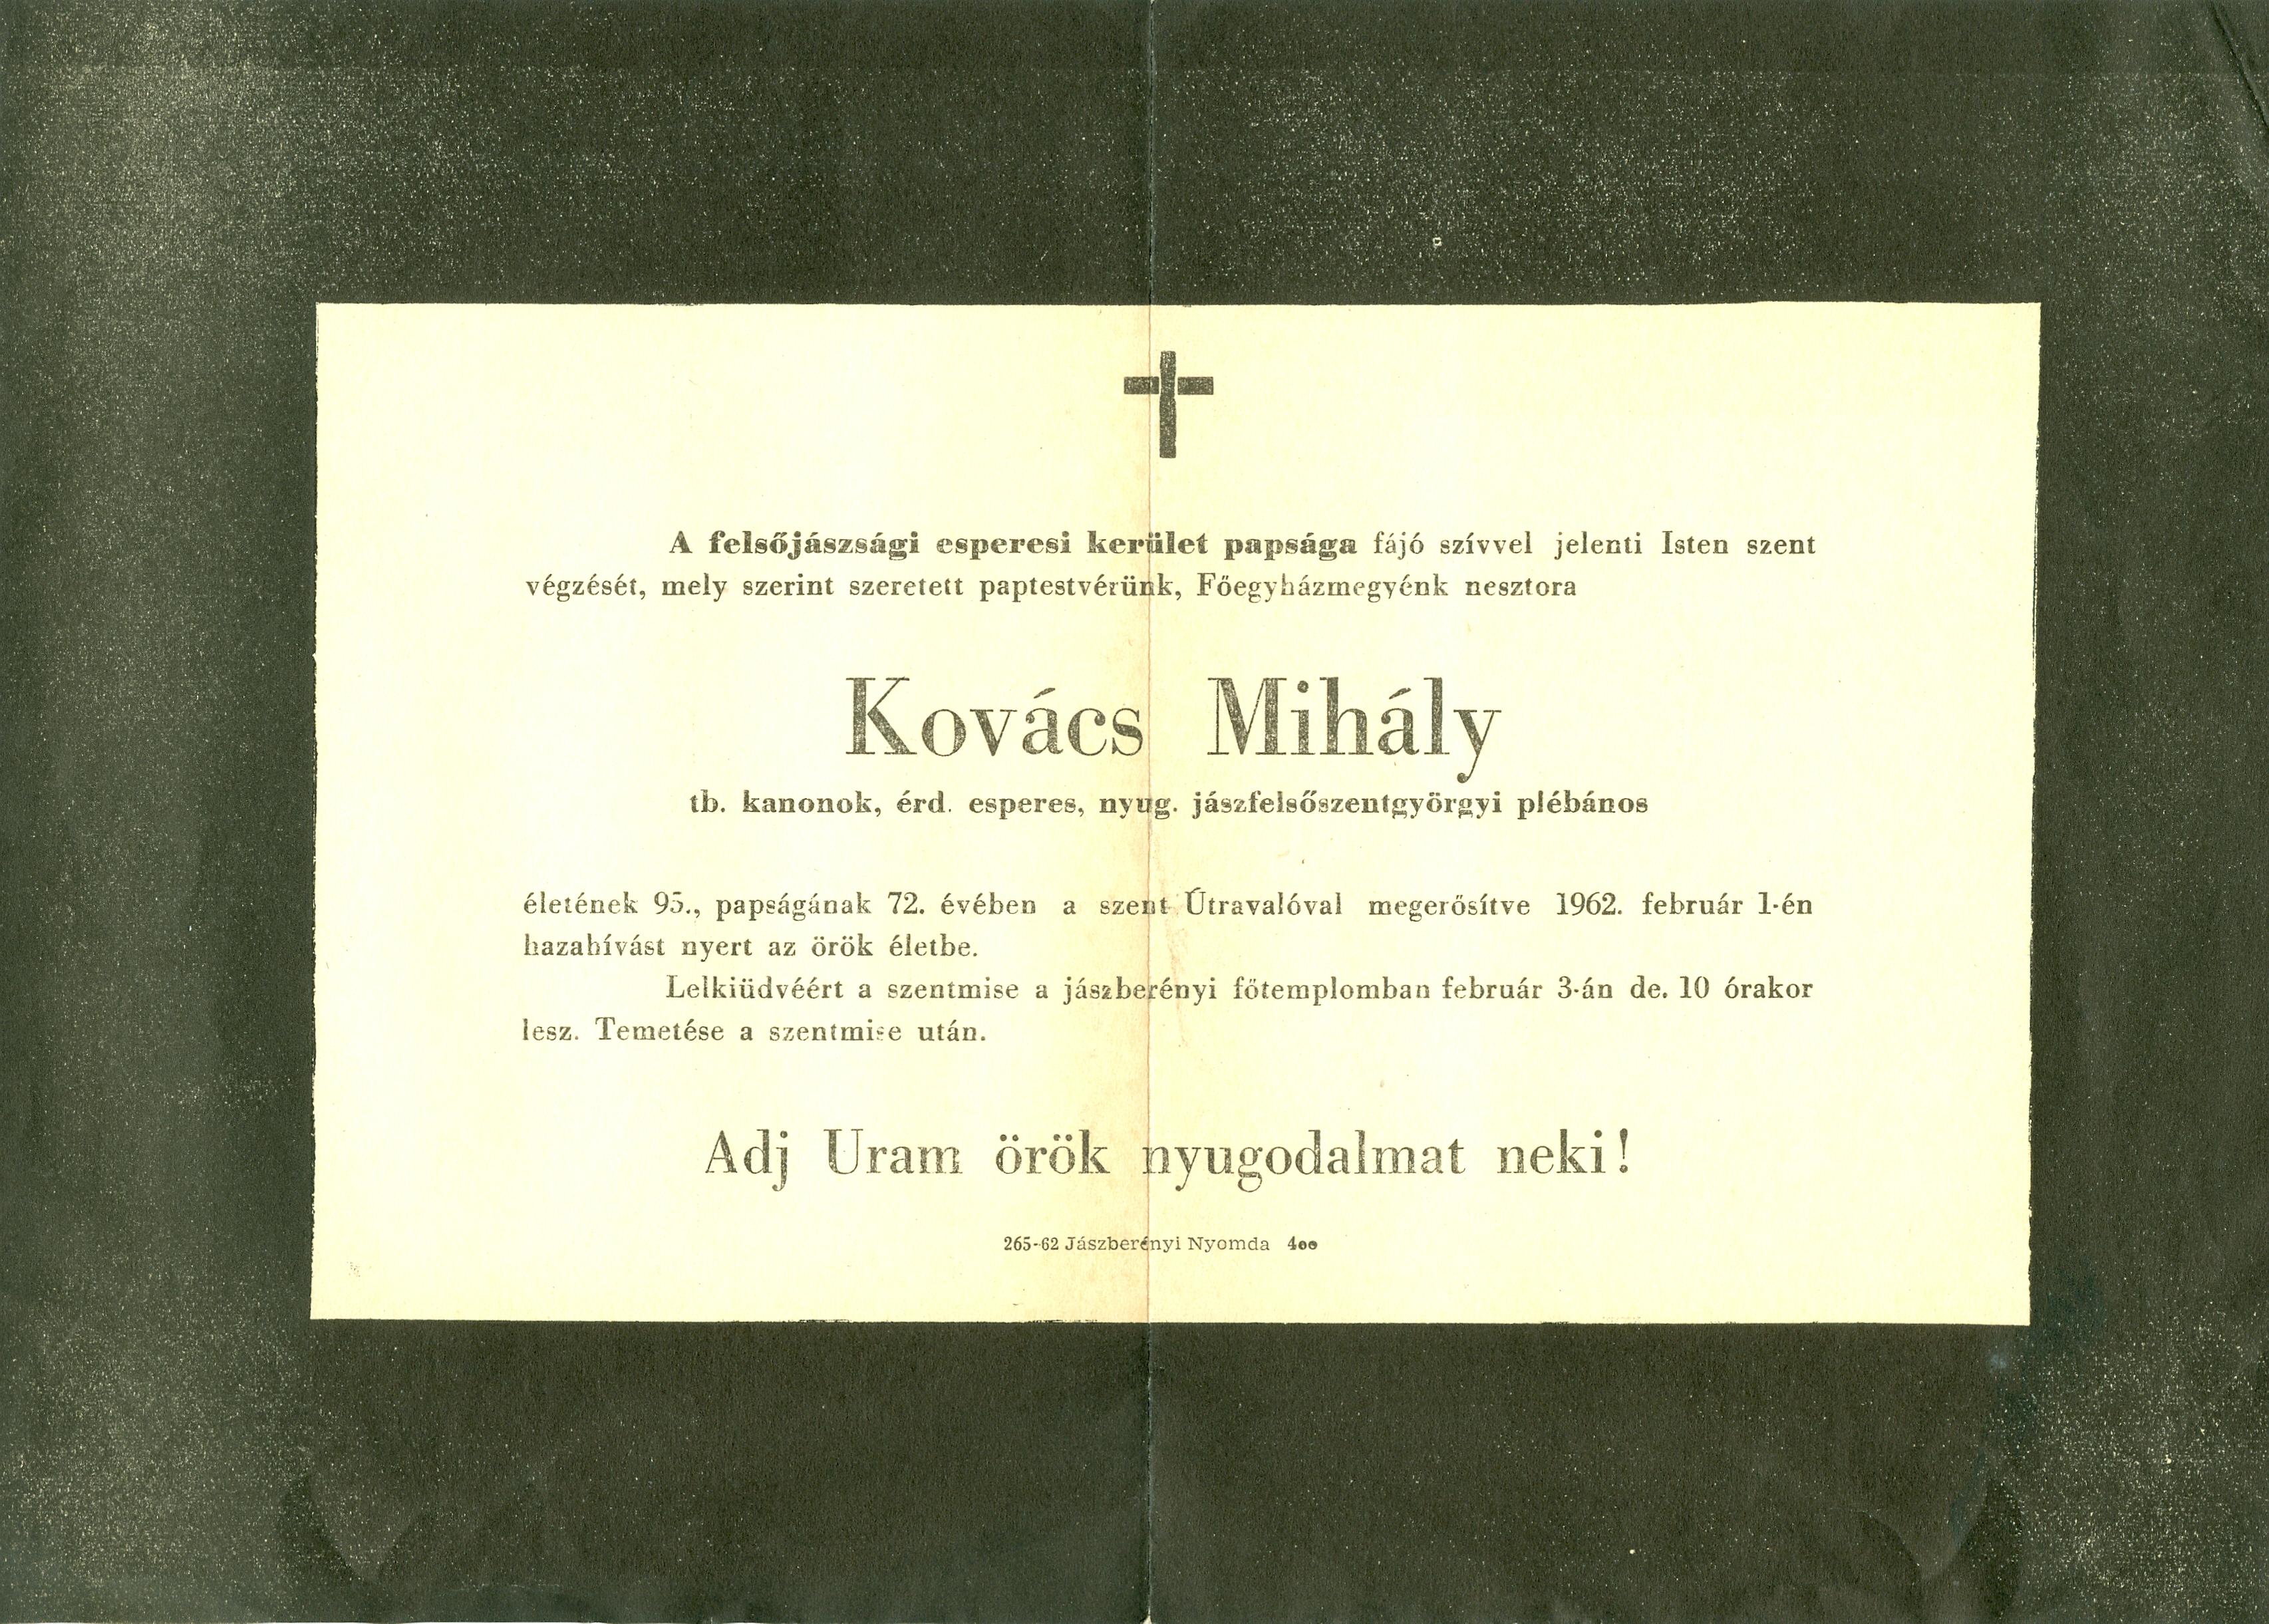 Kovács Mihály